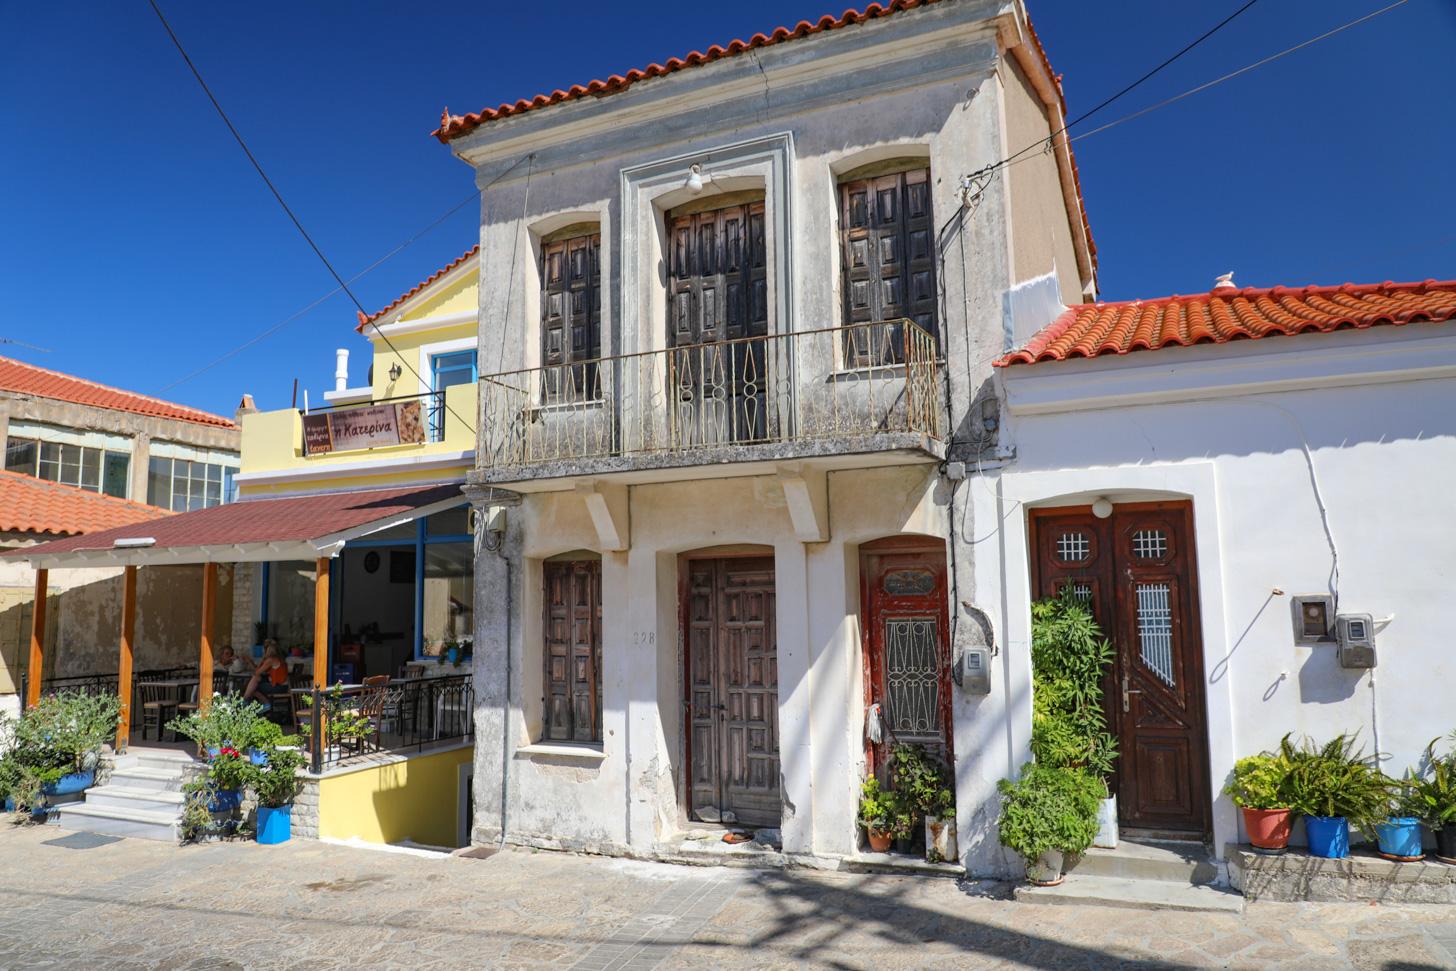 Lekka (Lekas) op Samos